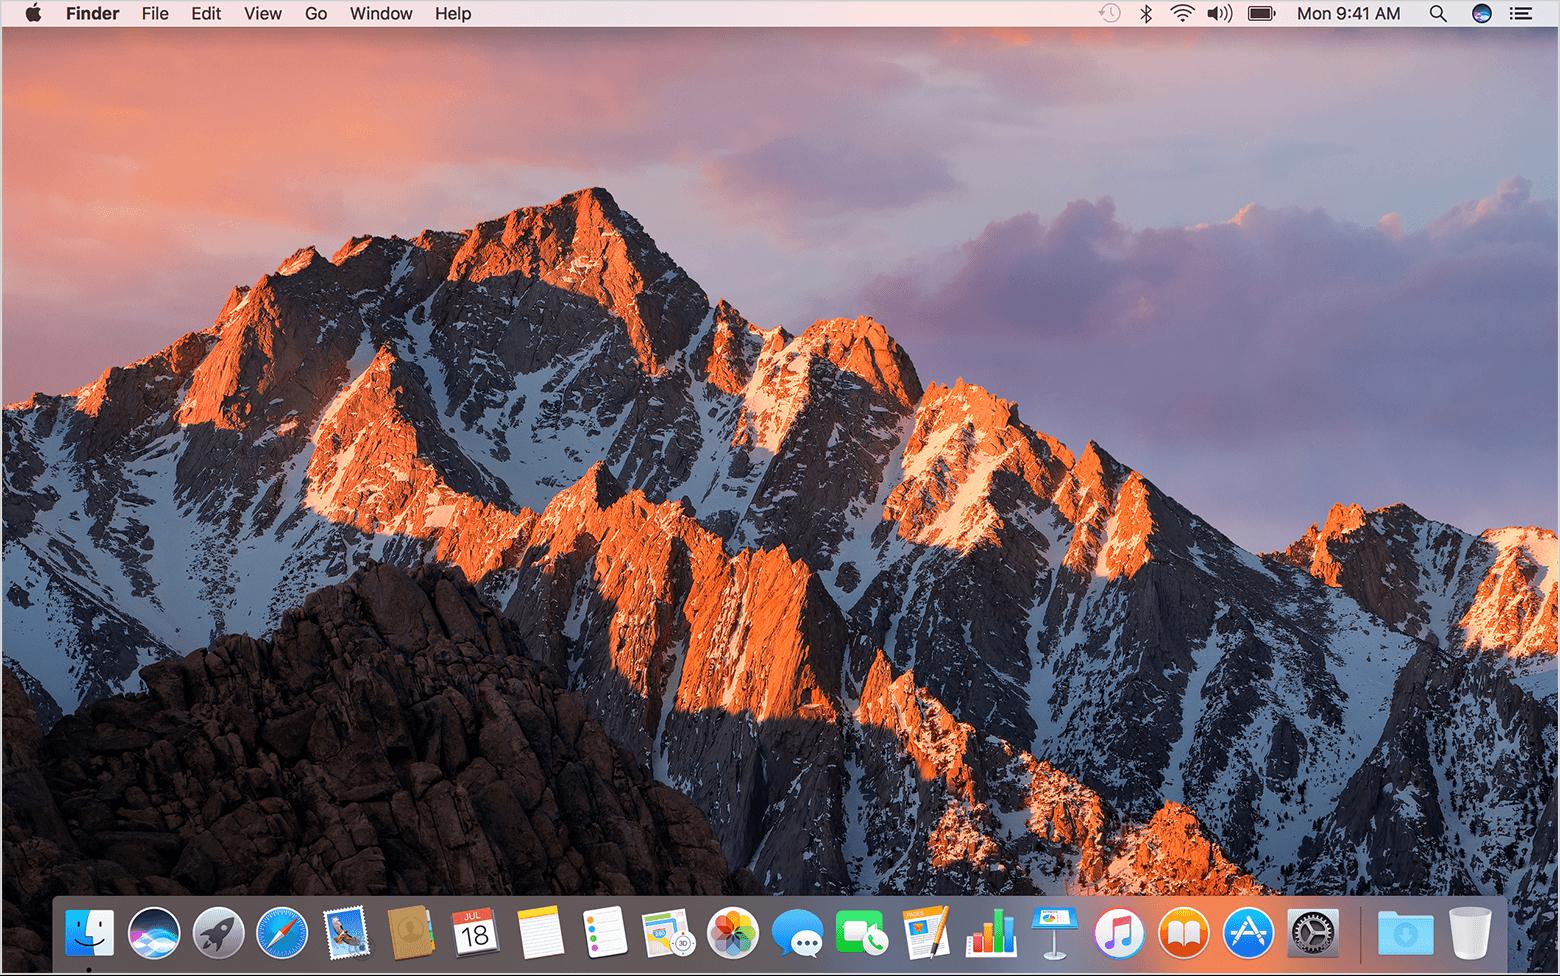 关于 Mac 启动时您看到的屏幕图解